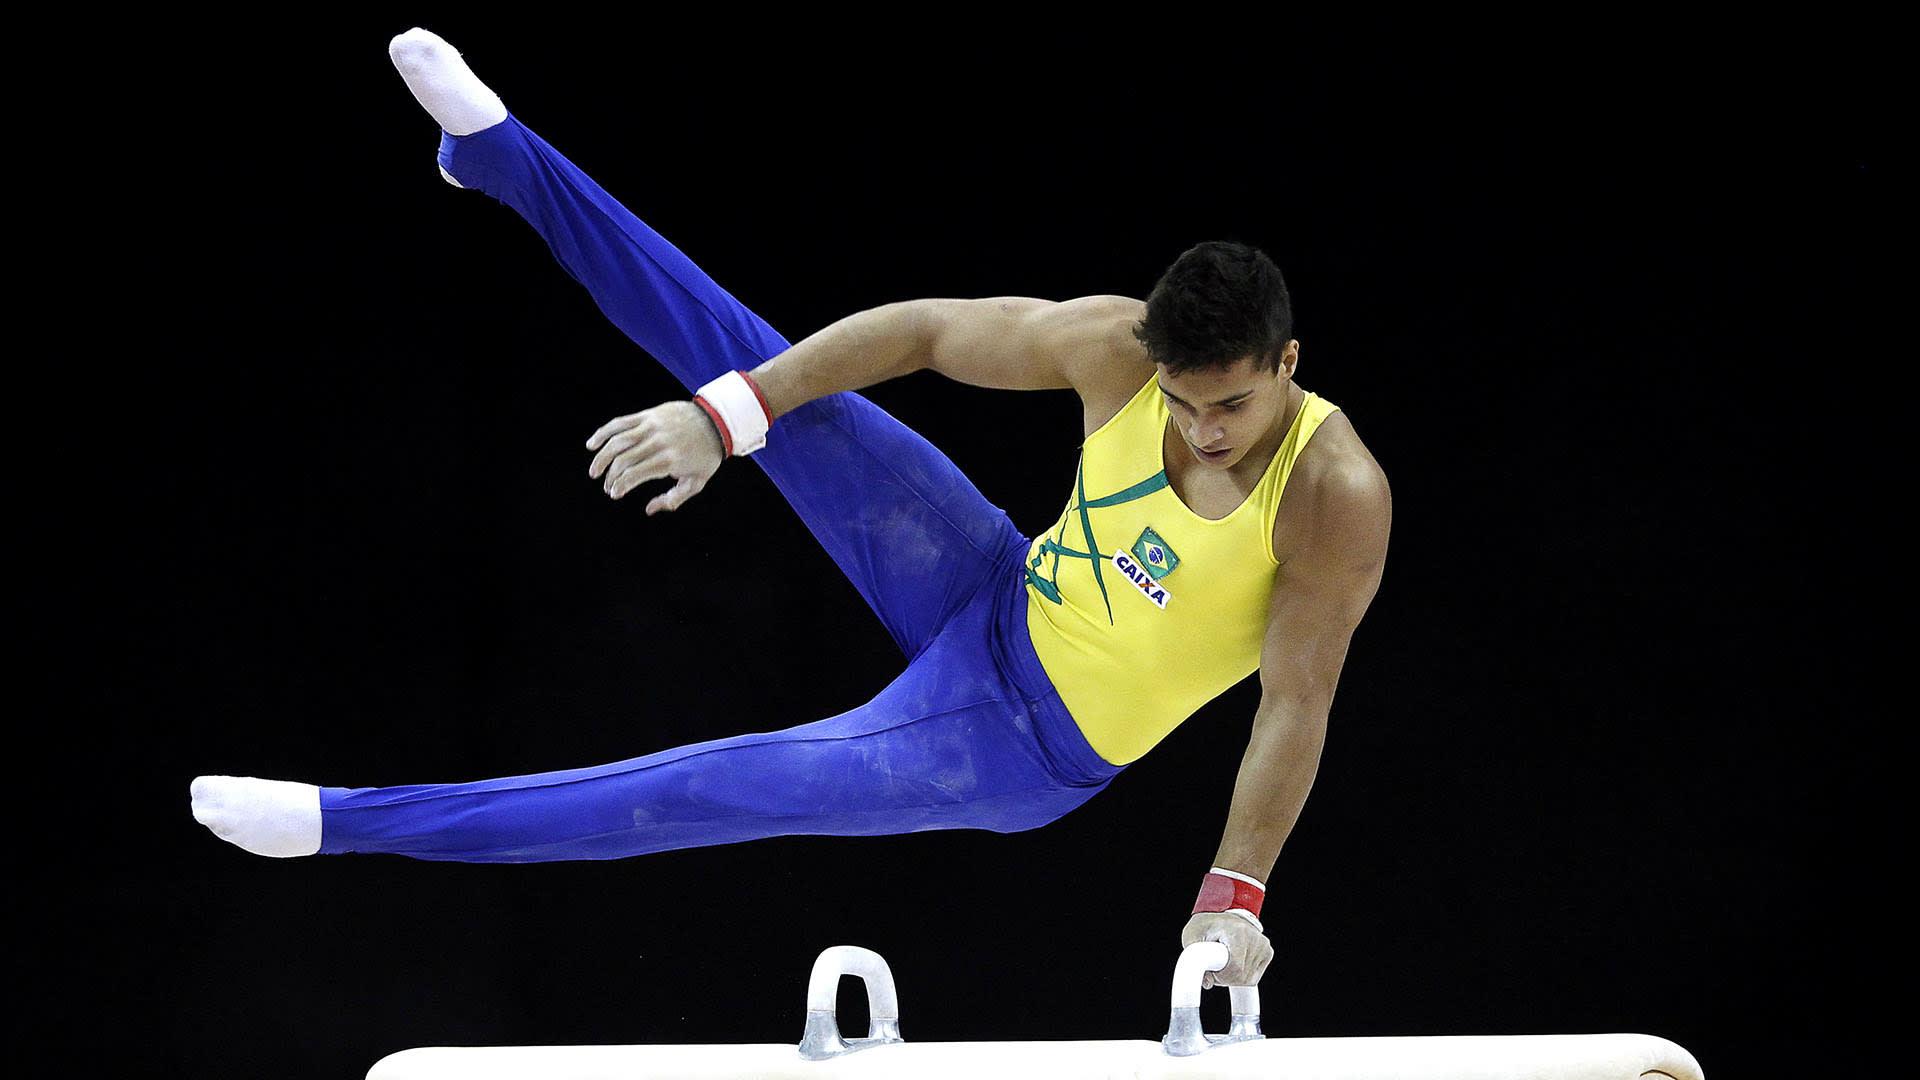 Brasiliassa olympiavoimistelijoiden entistä valmentajaa syytetään kymmenien poikien hyväksikäytöstä